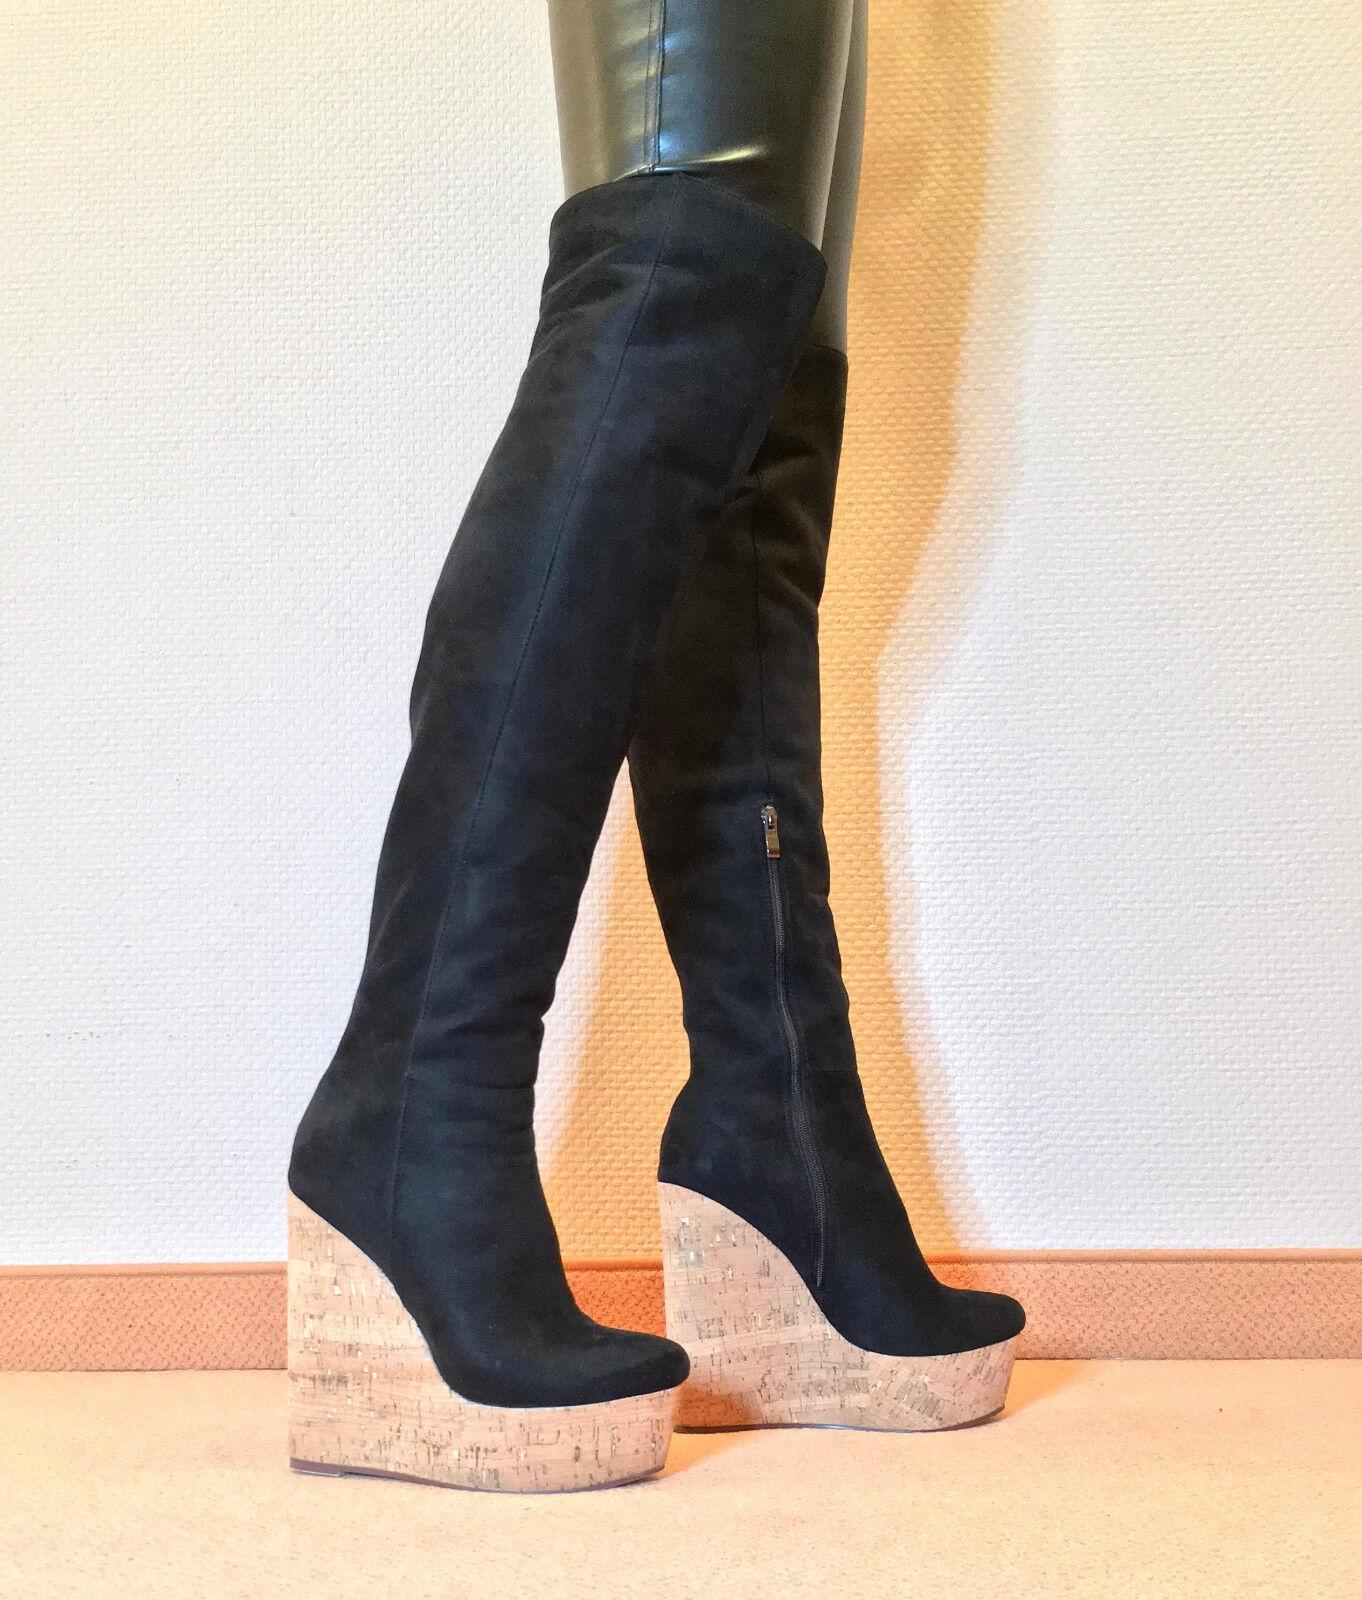 Grandes zapatos con descuento Gr.42 TOP ! Exklusiv Sexy Damen Schuhe Overknee Wedges Stiefel Männer Boots C7